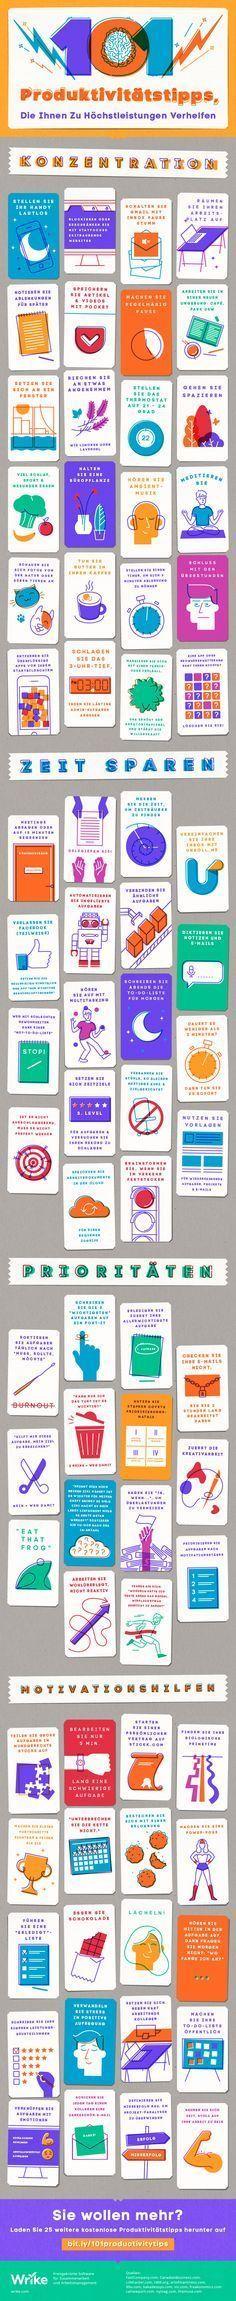 101 Produktivitätstipps, die Ihnen zu Höchstleistungen verhelfen (Infografik)